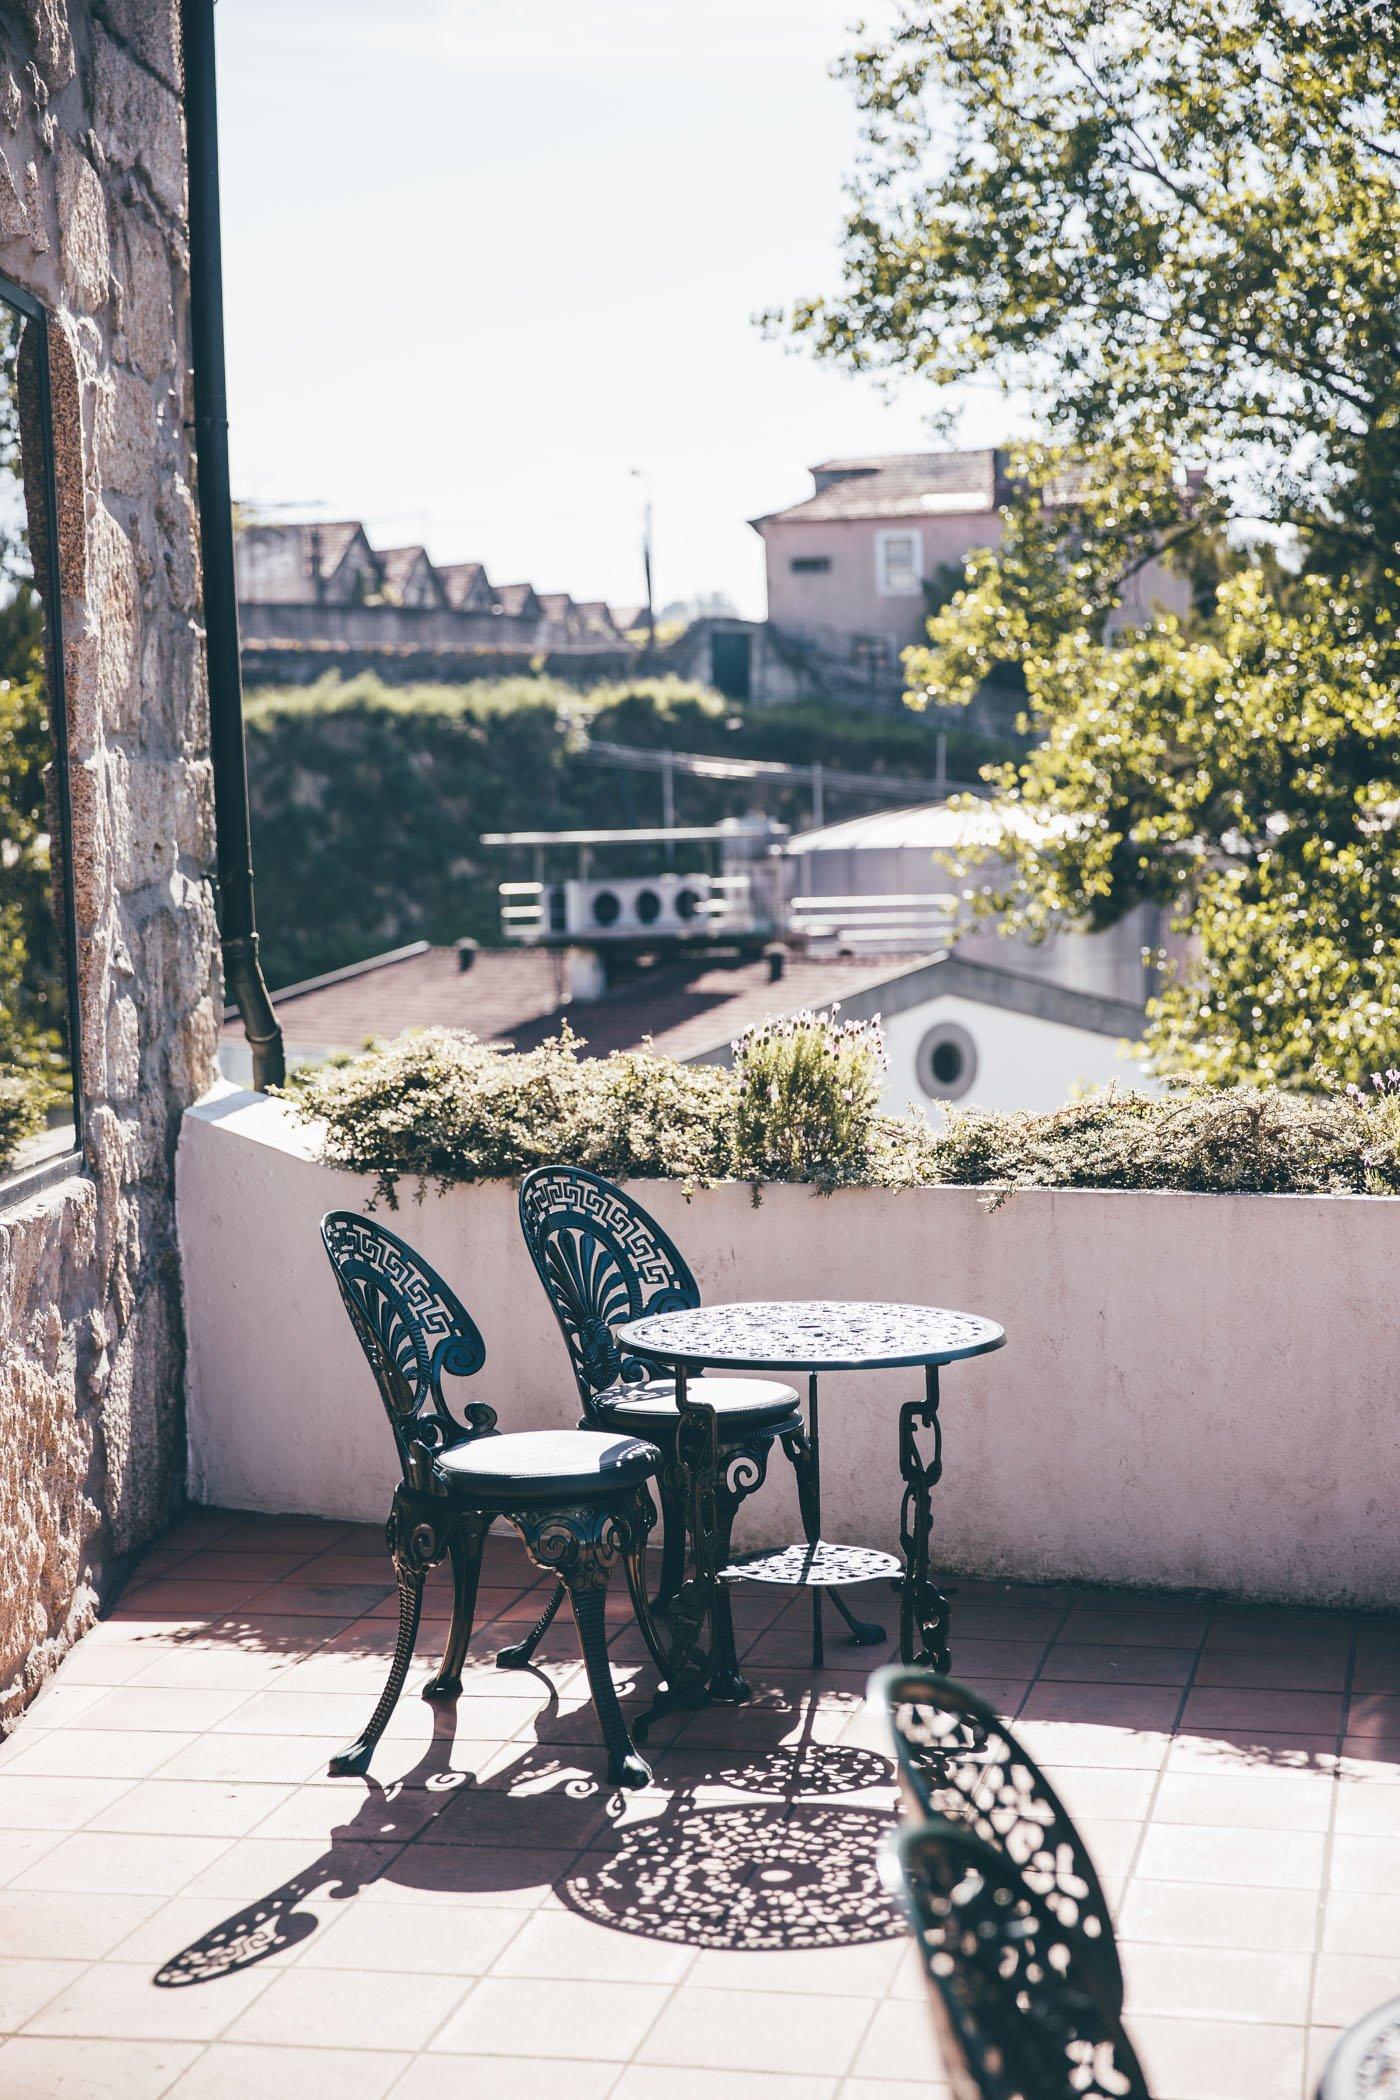 Croft Port Wine at Vila Nova de Gaia